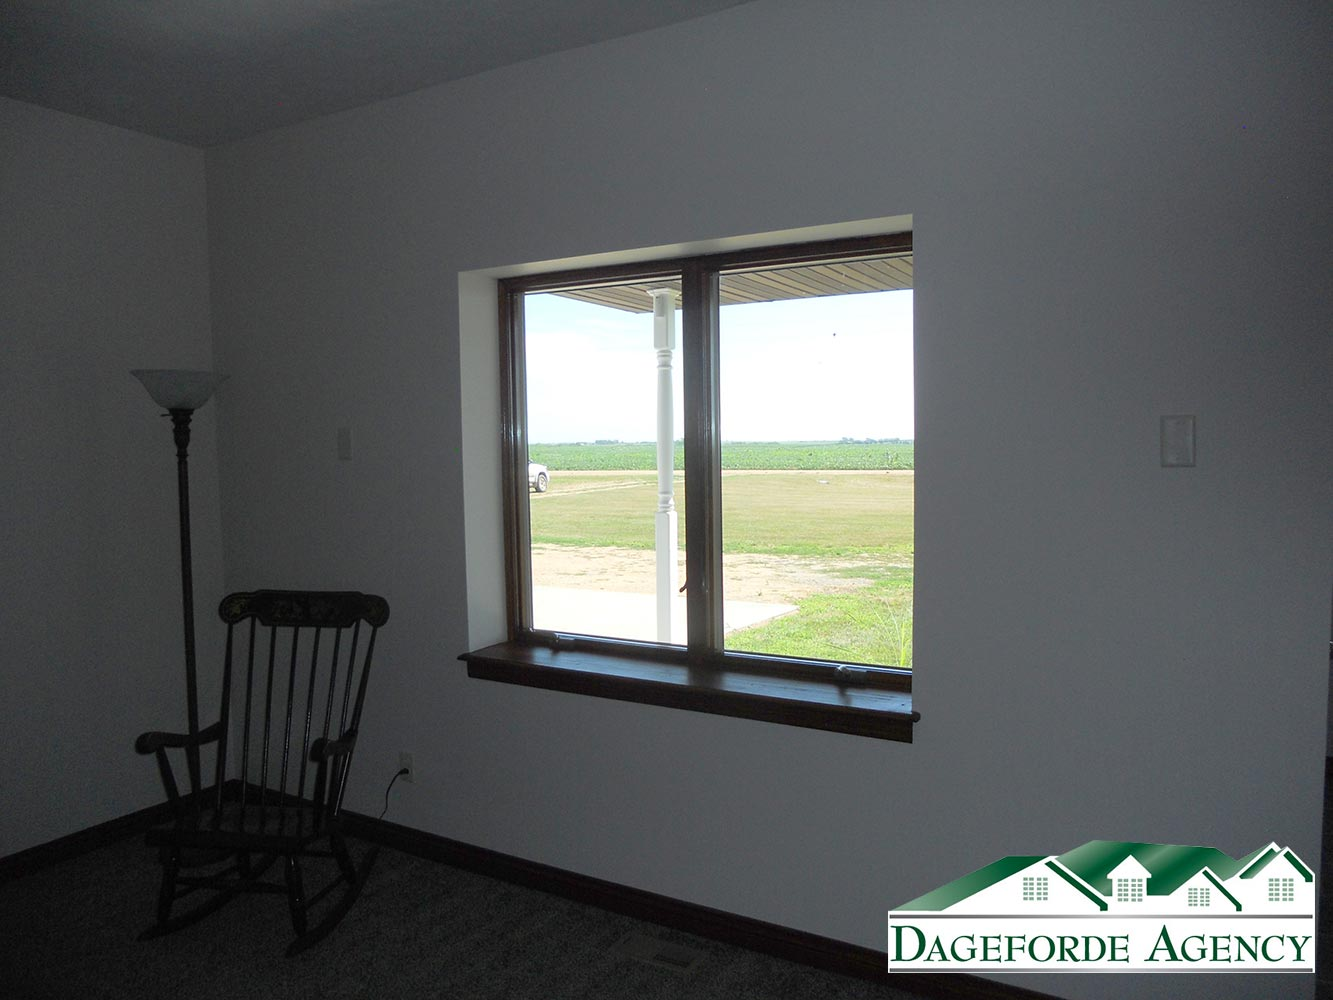 Roker---Living-Room---Anderson-Windows